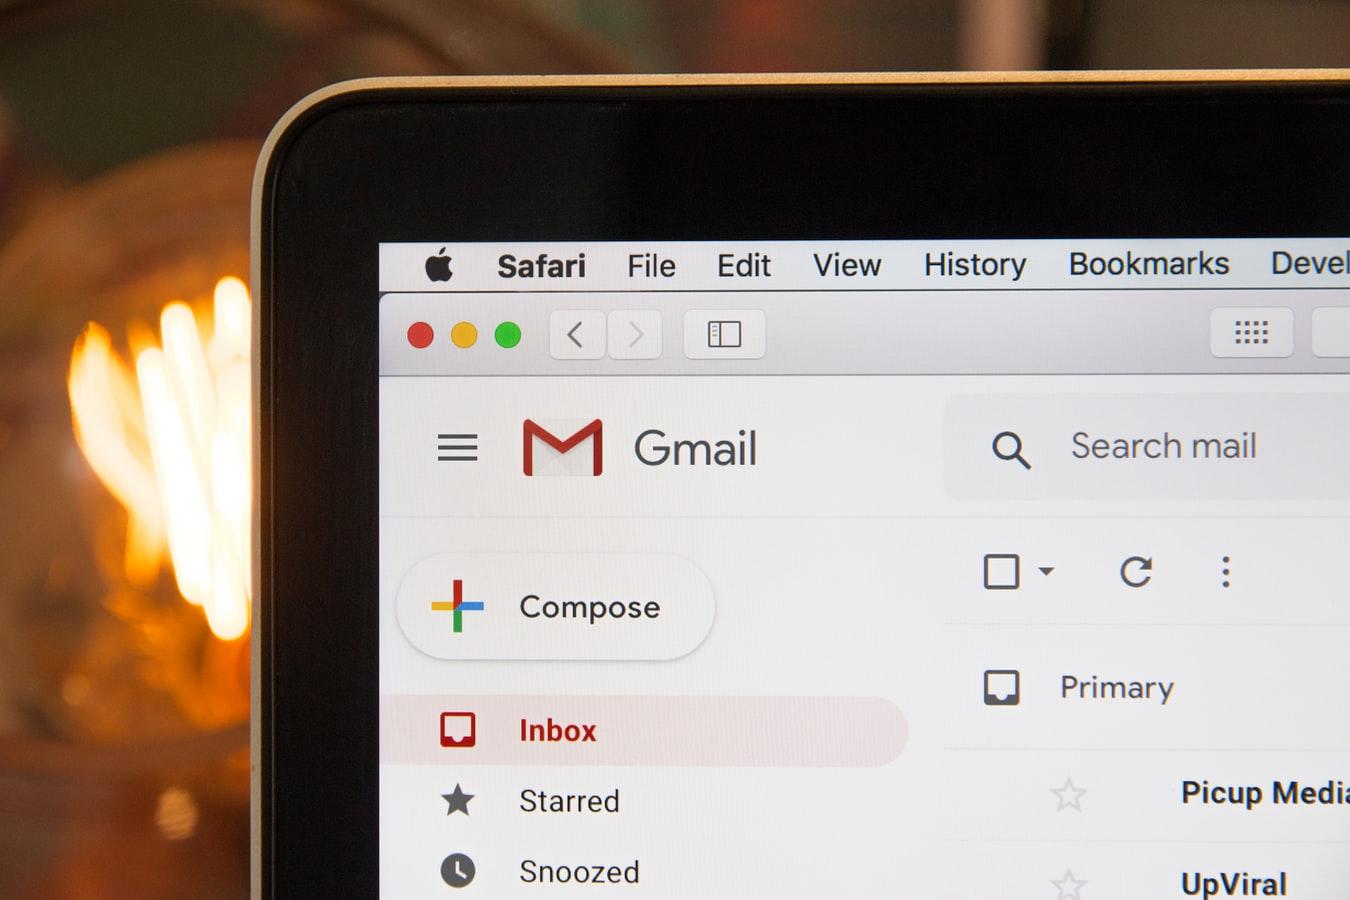 Gmail open on laptop